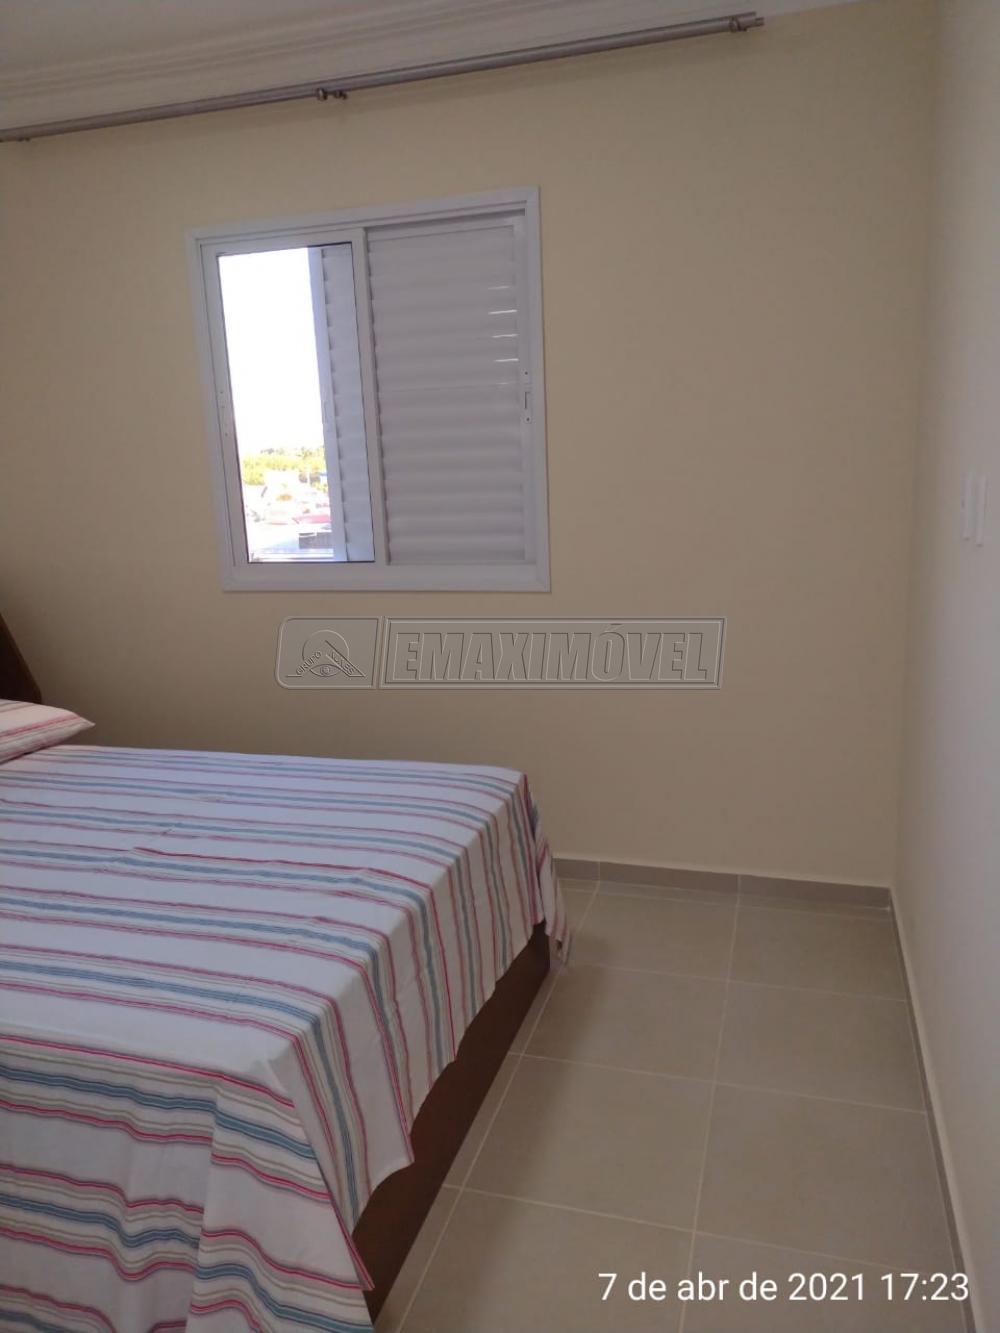 Comprar Apartamentos / Apto Padrão em Sorocaba R$ 280.000,00 - Foto 19